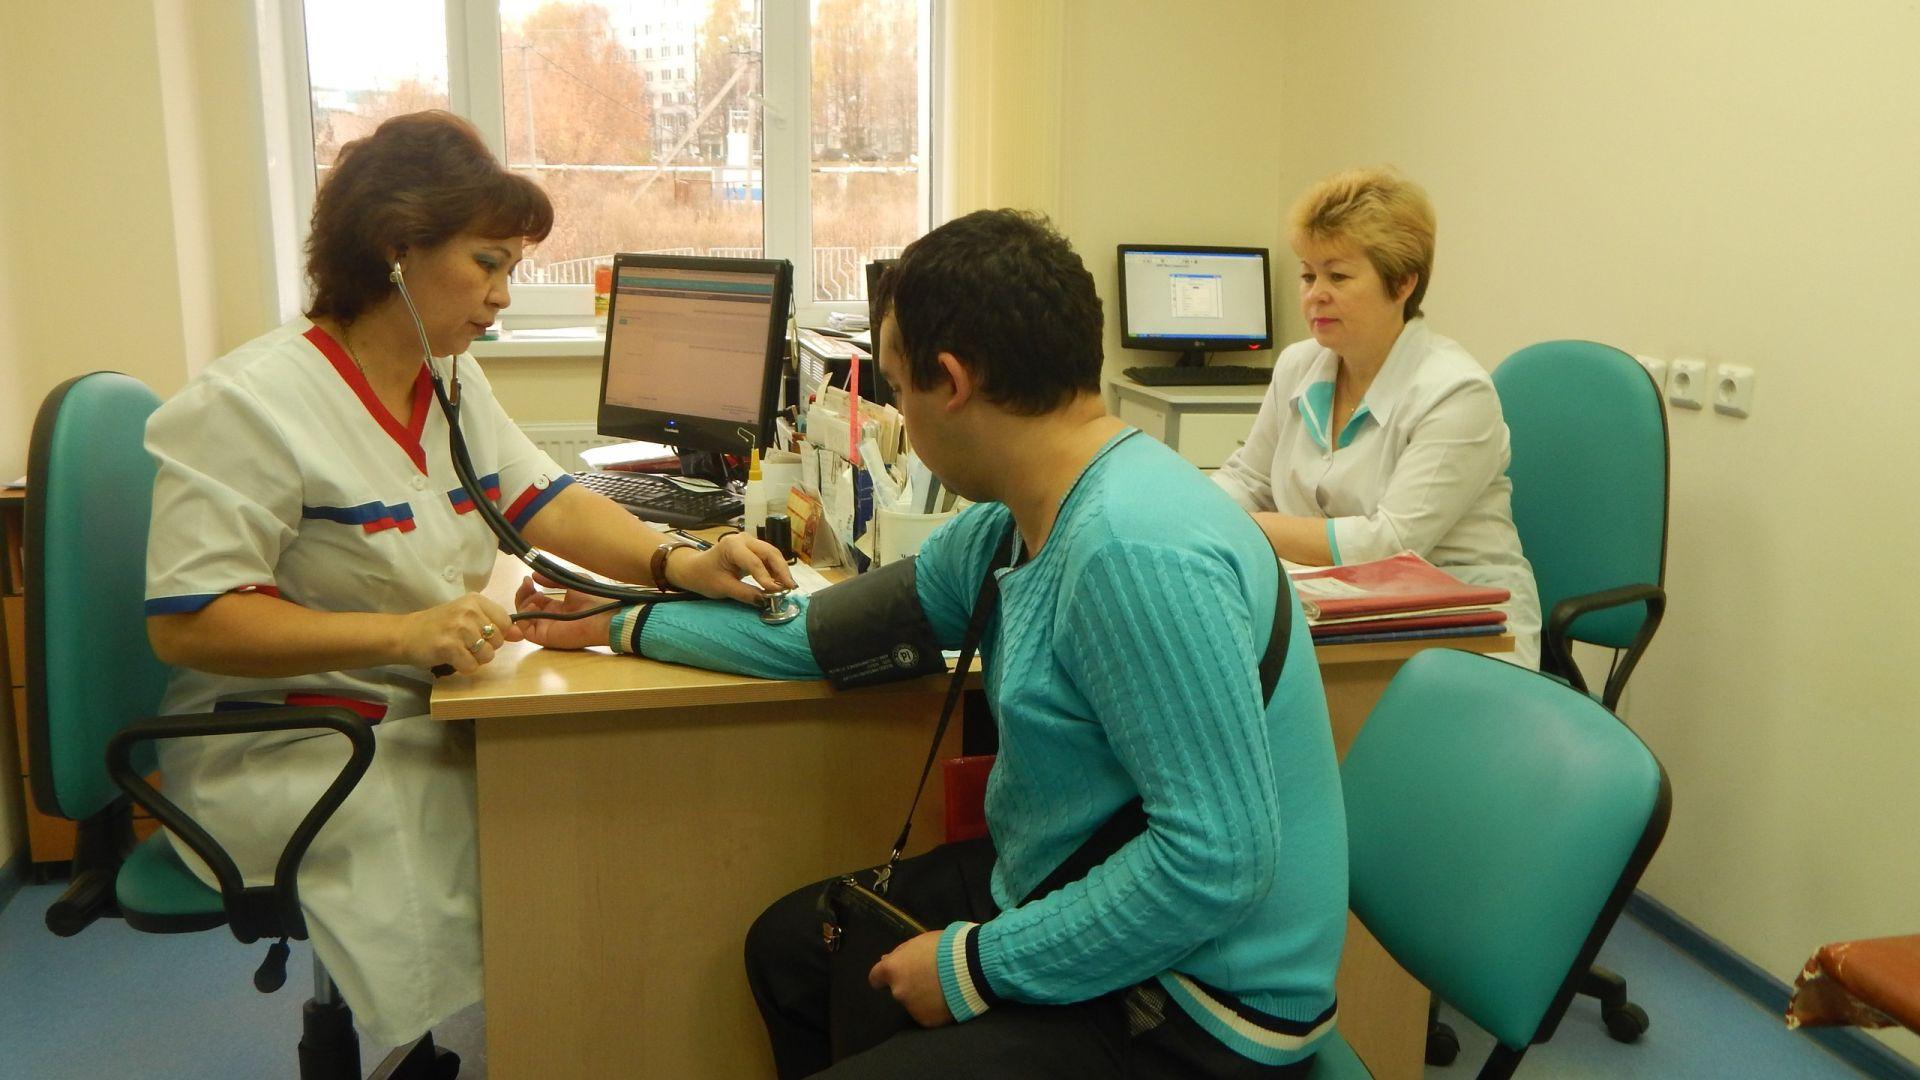 Костромичи могут пройти бесплатное медицинское обследование